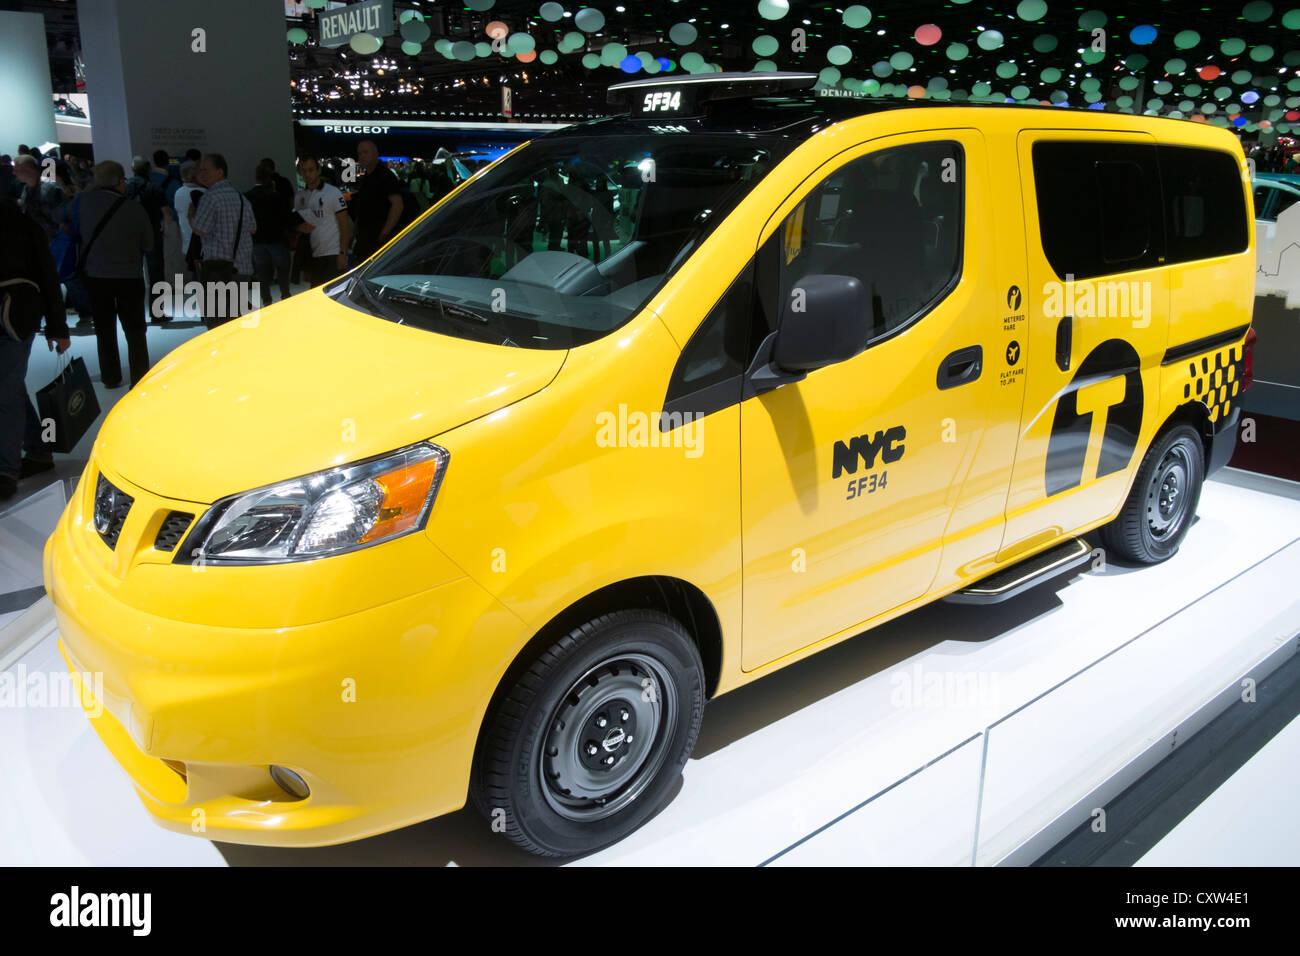 Nouvelle Nissan van en livrée de New York City (NYC) Taxi à Paris Motor Show 2012 Photo Stock